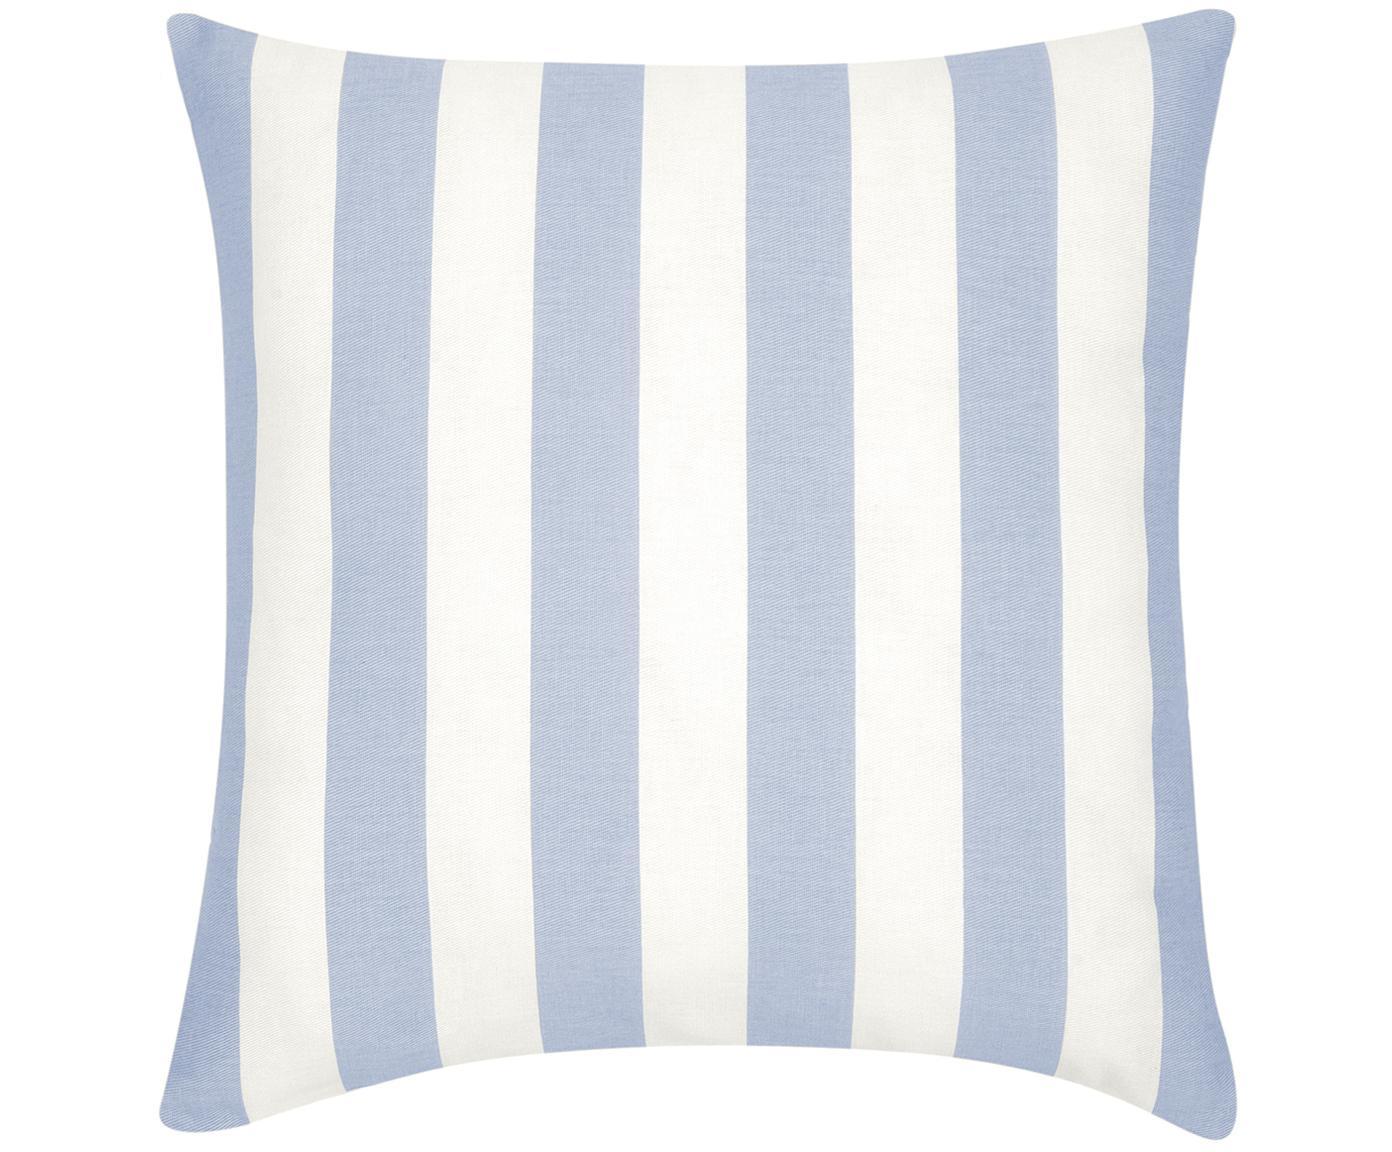 Federa arredo  Timon, 100% cotone, Azzurro, bianco, Larg. 45 x Lung. 45 cm